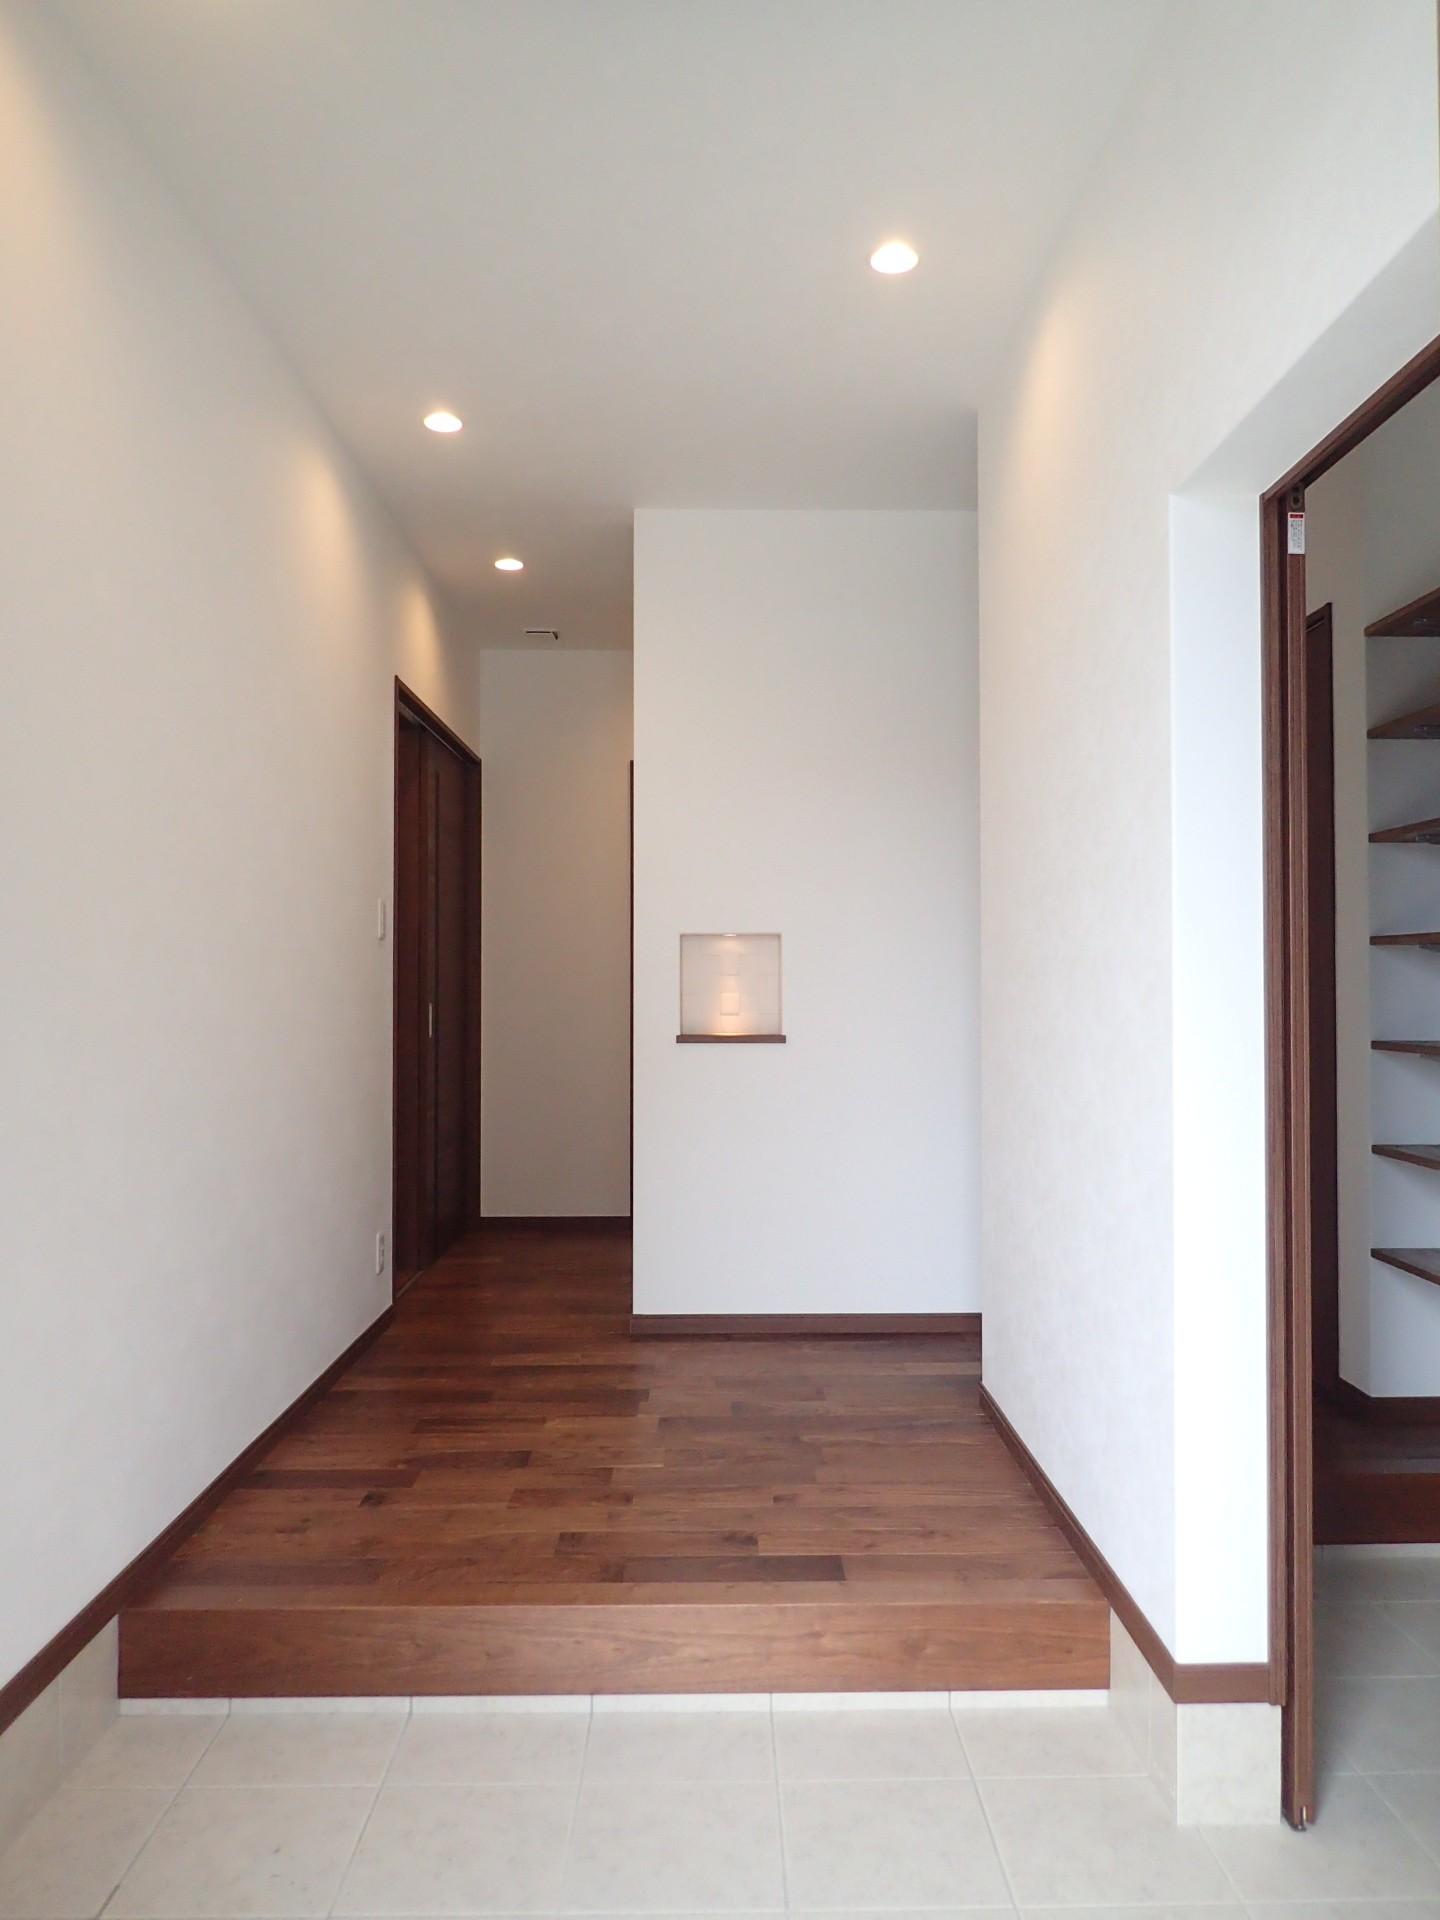 玄関事例:玄関ホール(高級感漂う大空間でゆったり過ごす家)